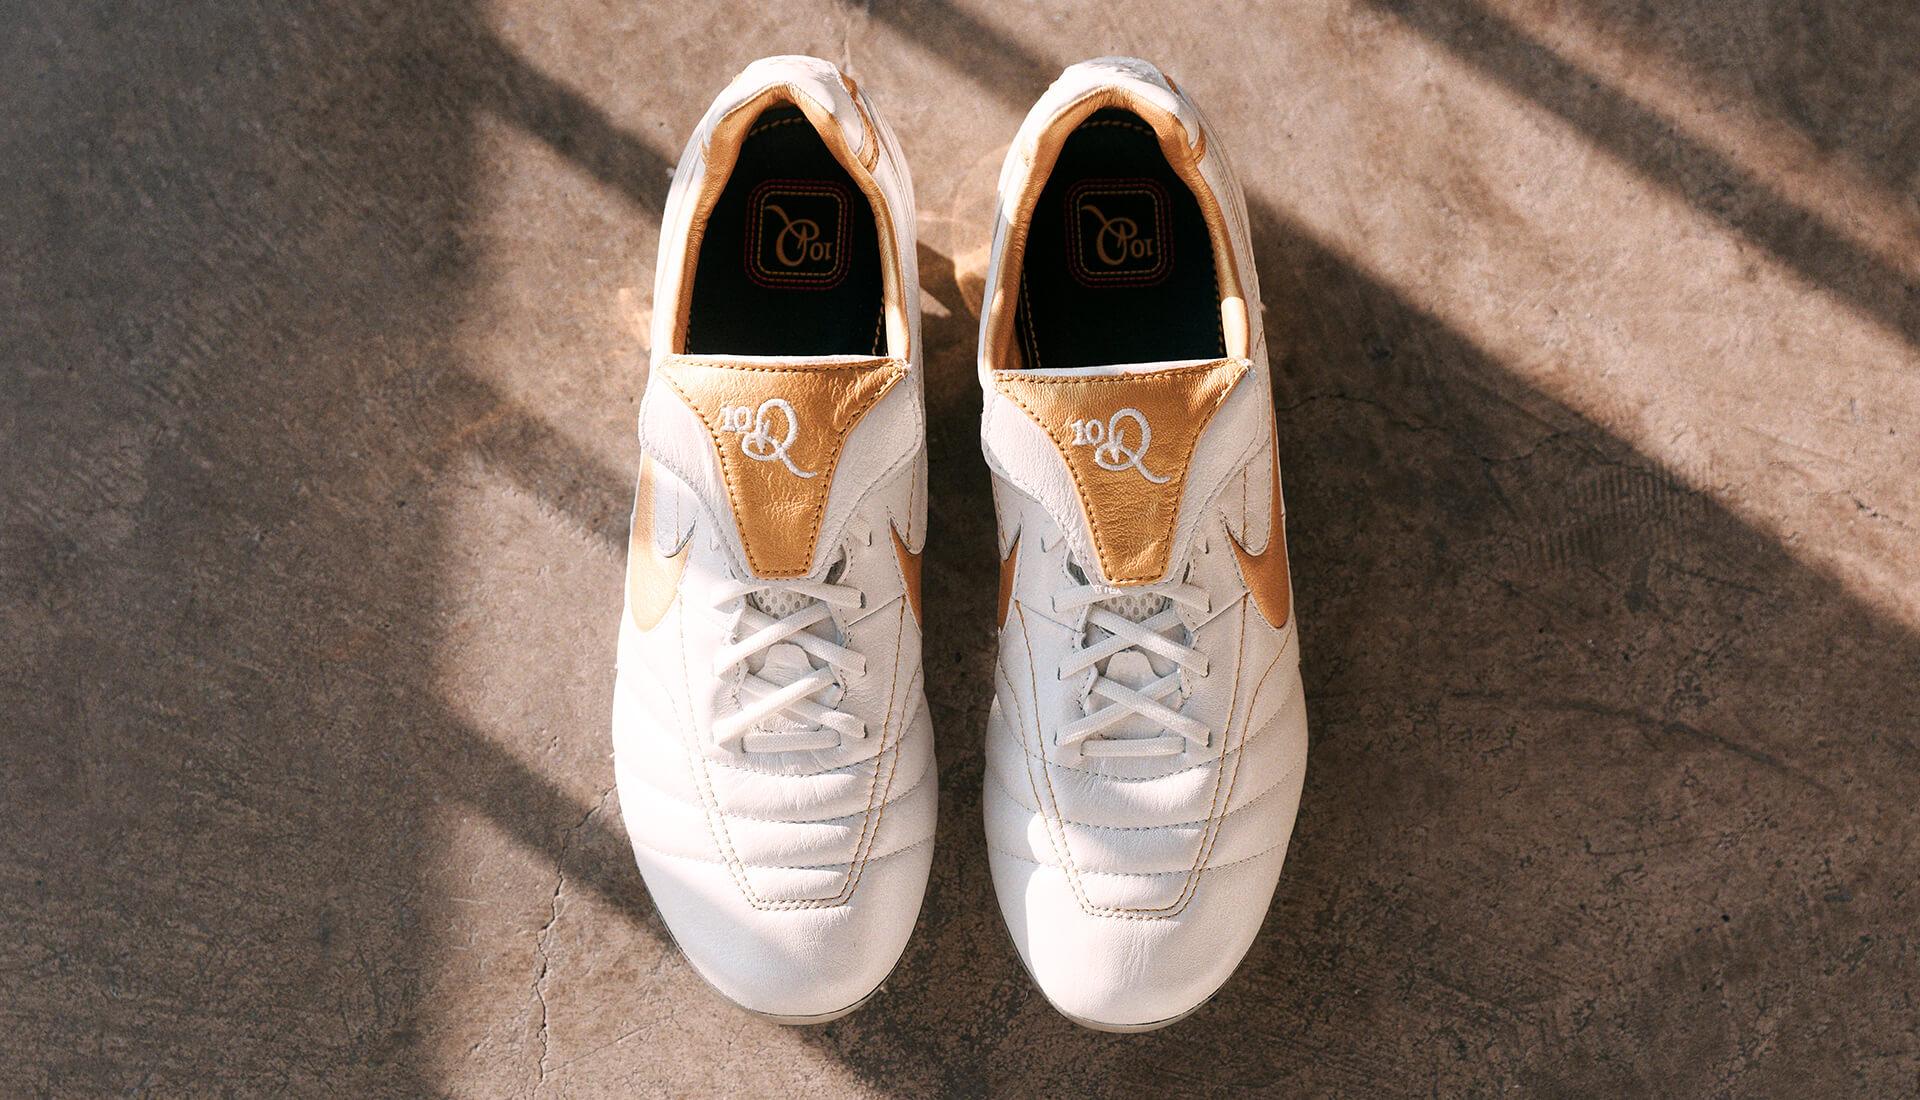 scarpe calcio piu belle 2018 tiempo 7 10R elite